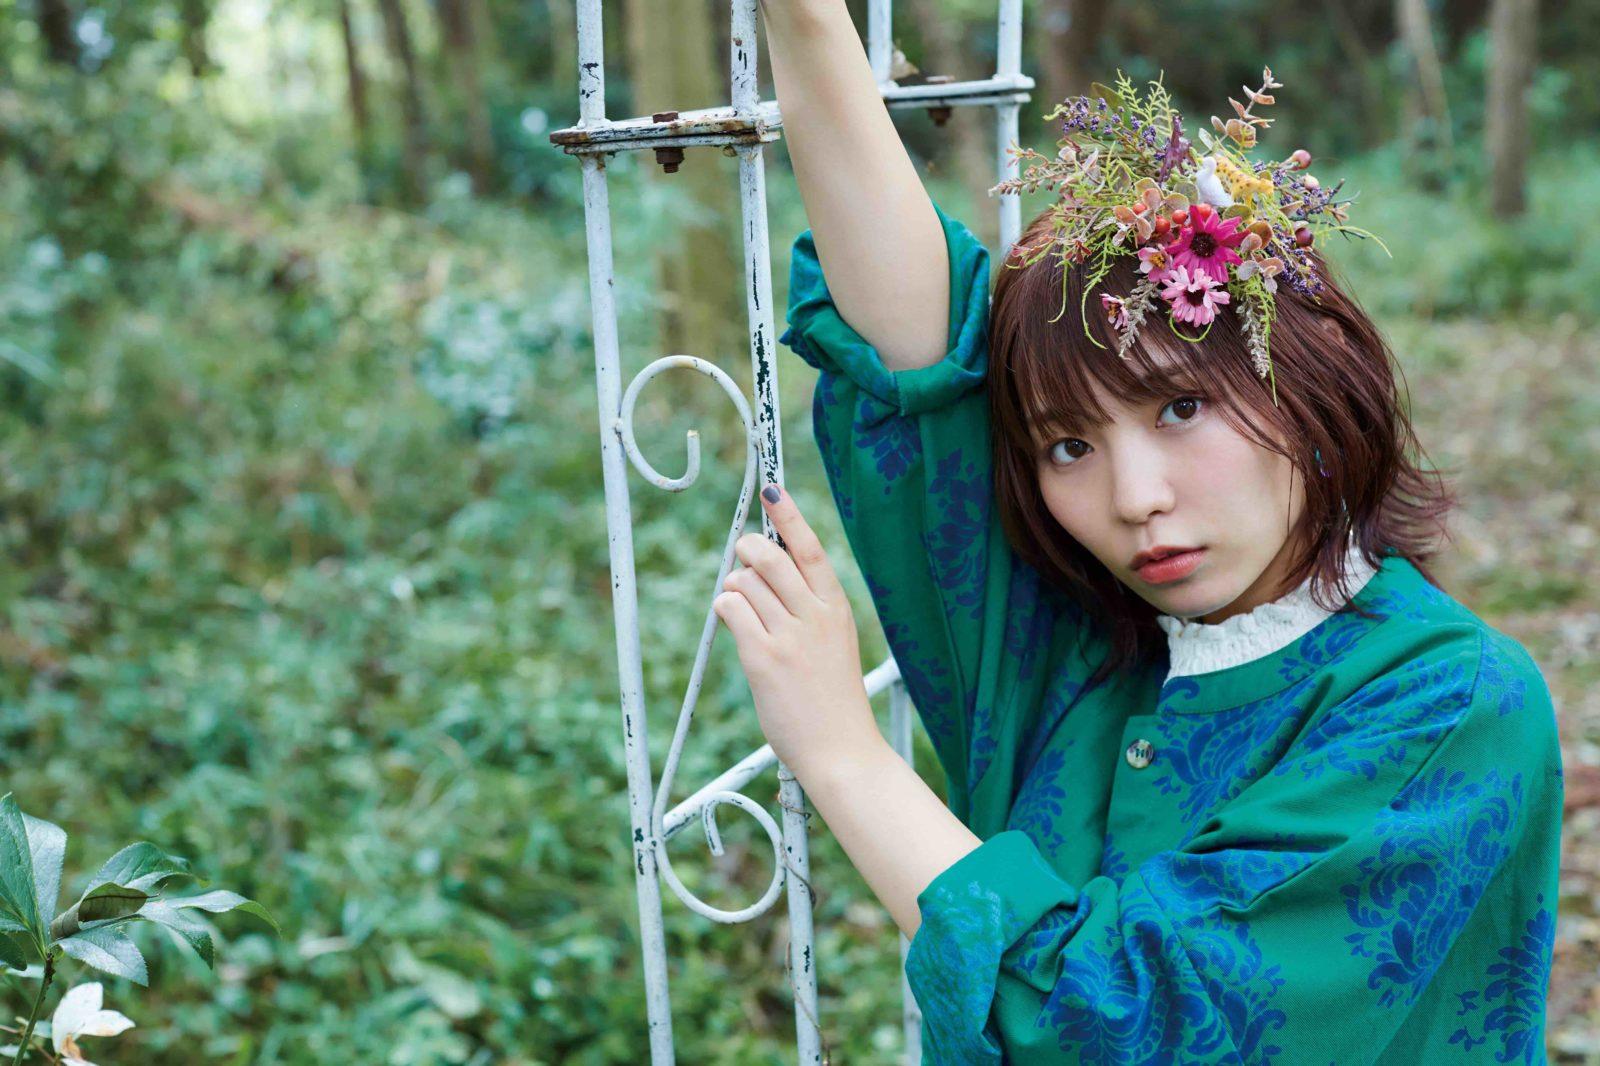 YURiKA、初のアコースティックミニアルバム「REUNION」6月20日発売サムネイル画像